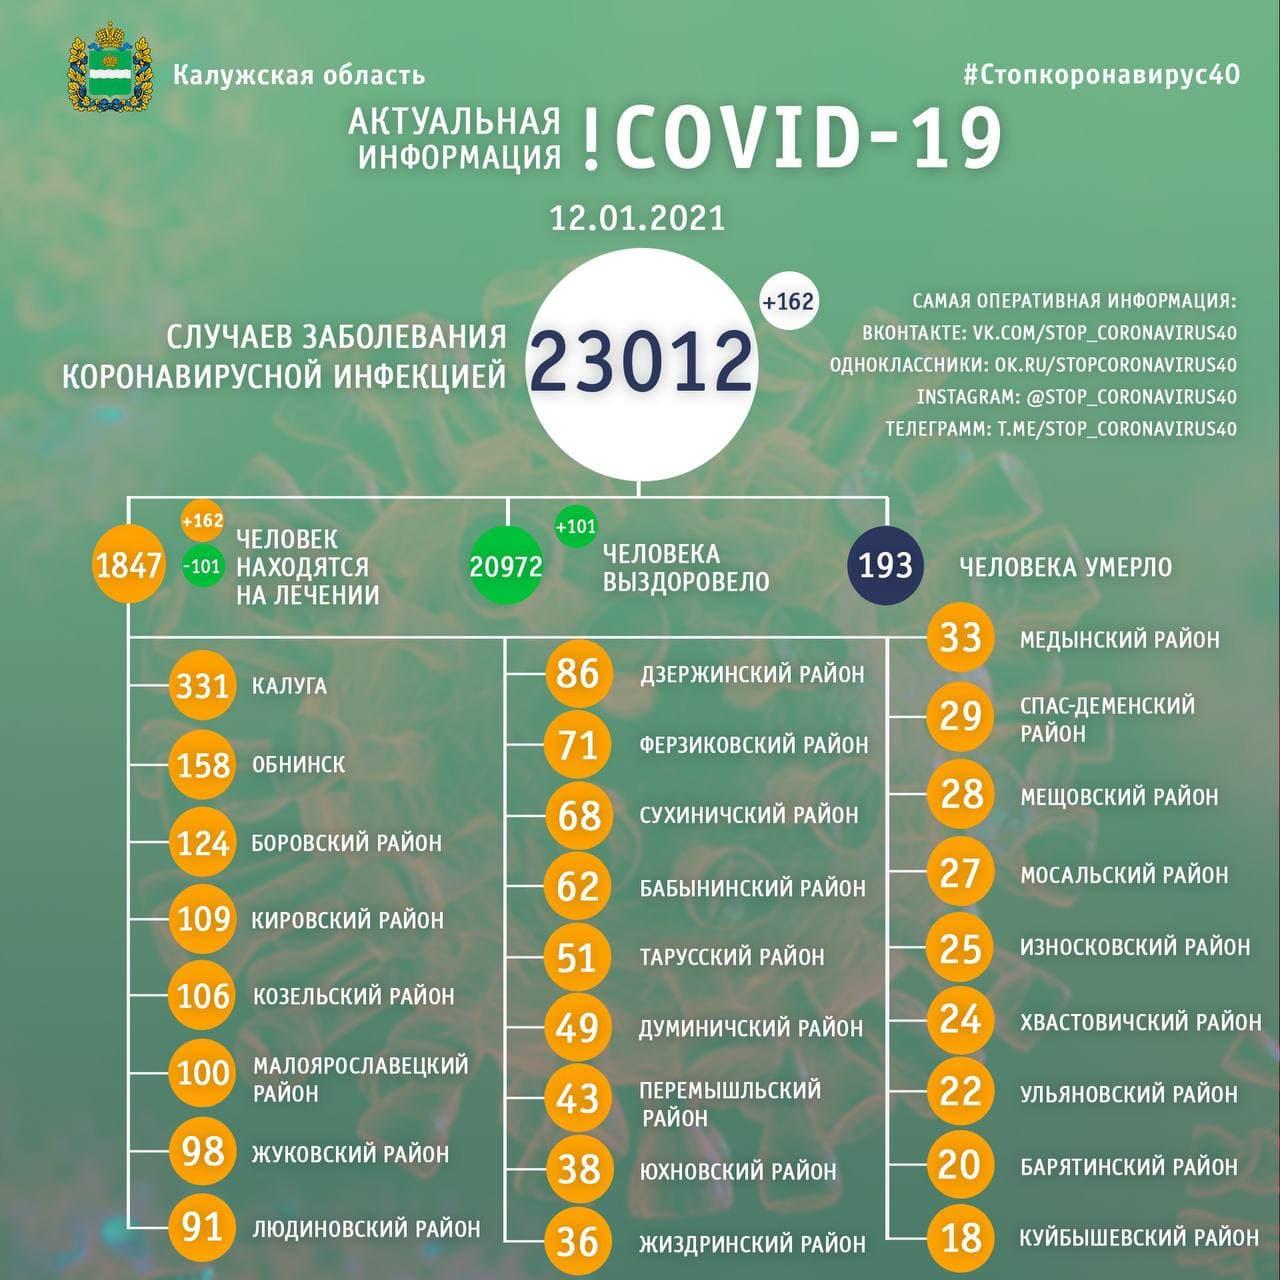 Официальная статистика по коронавирусу в Калужской области на 12 января 2021 года.